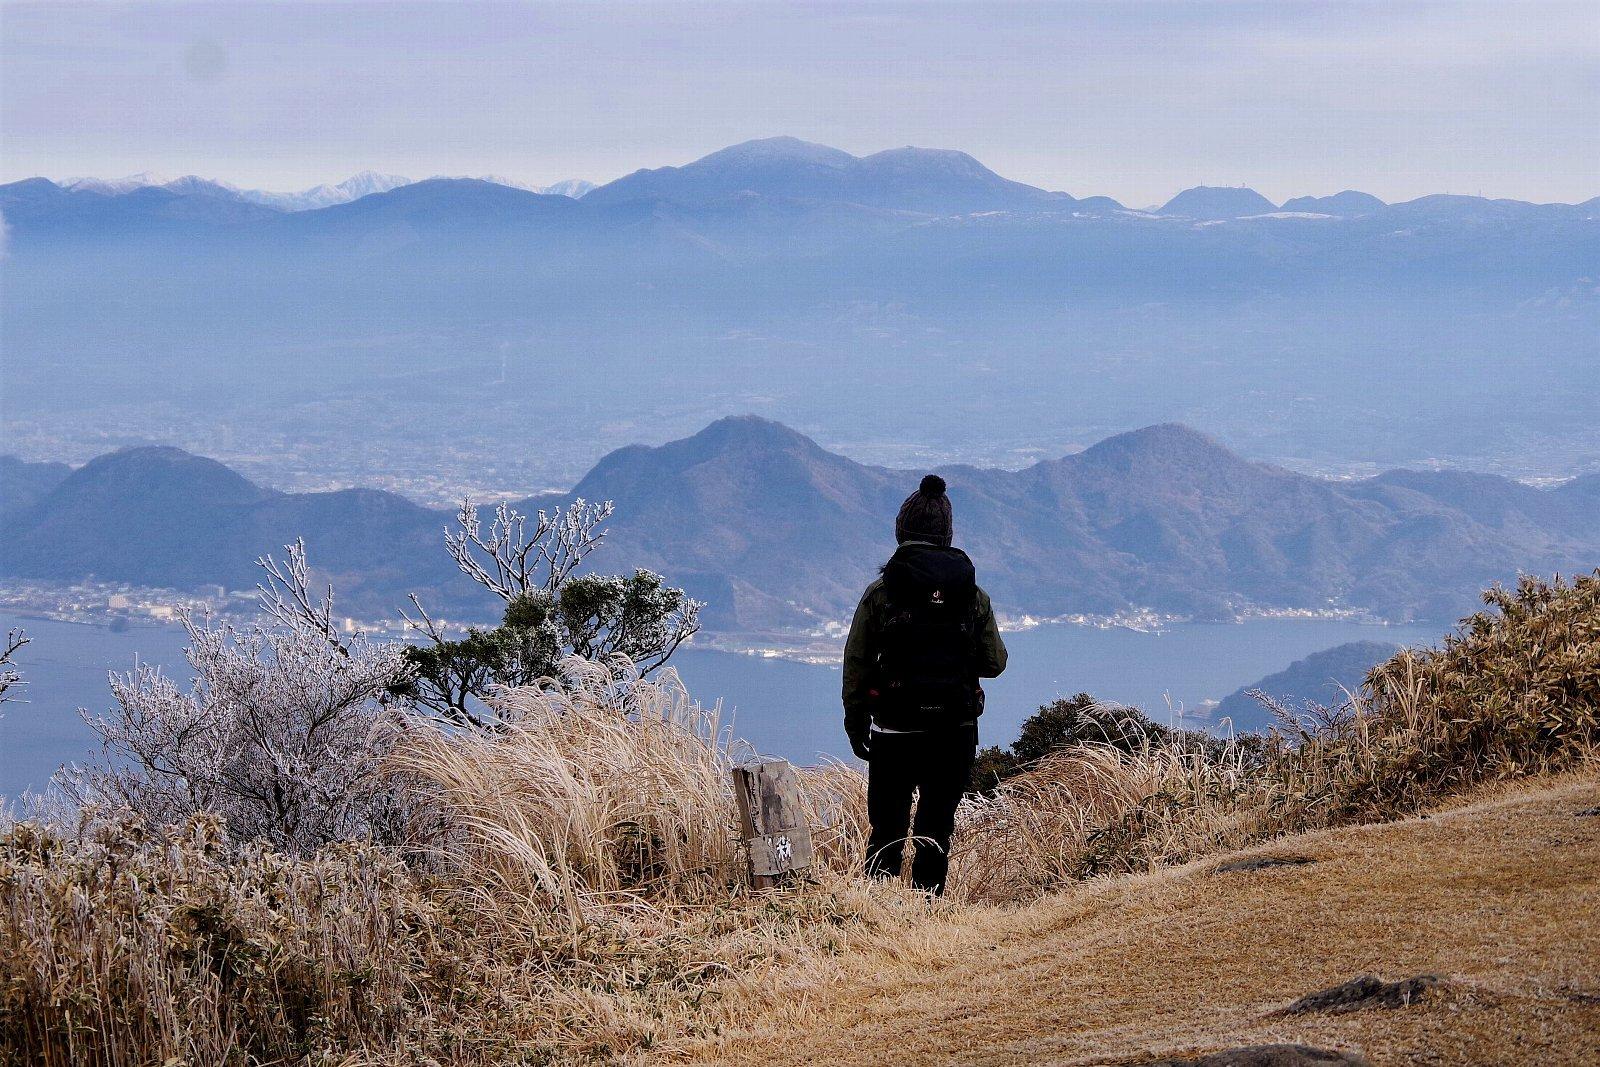 金冠山と達磨山、うなぎ_a0165316_09055920.jpg